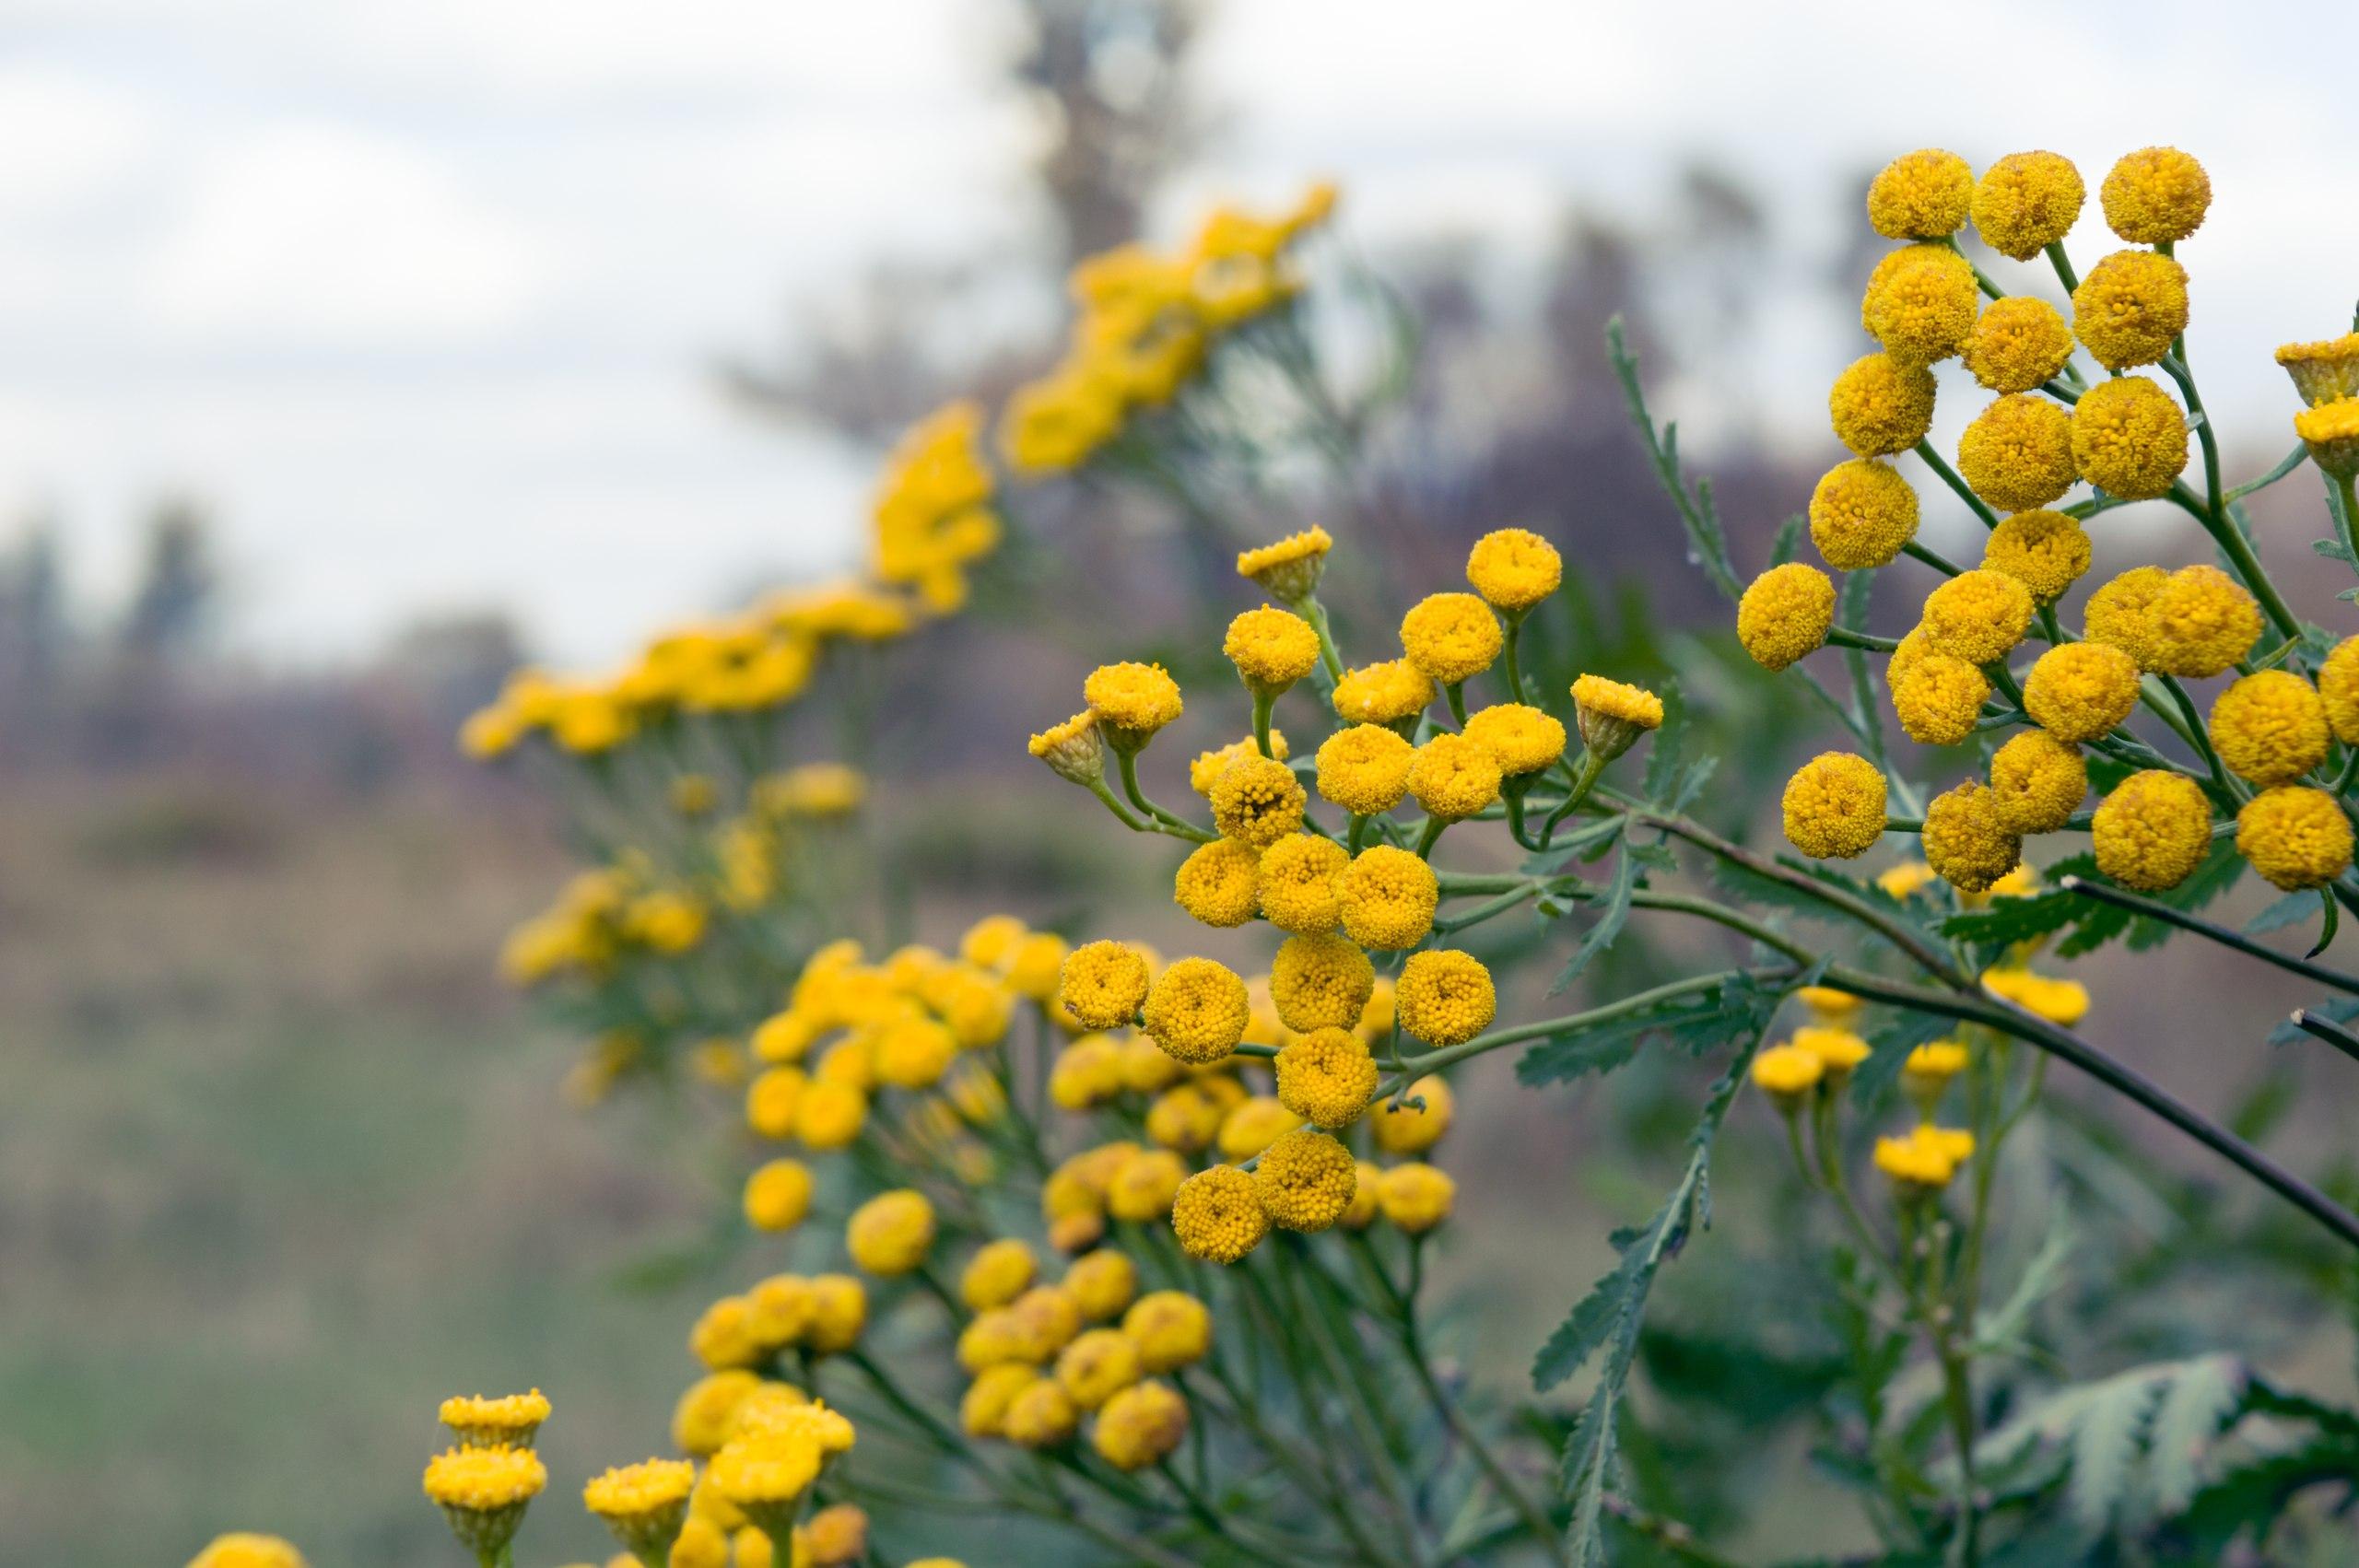 желтые цветы фото с названиями полевые пытались сделать фото